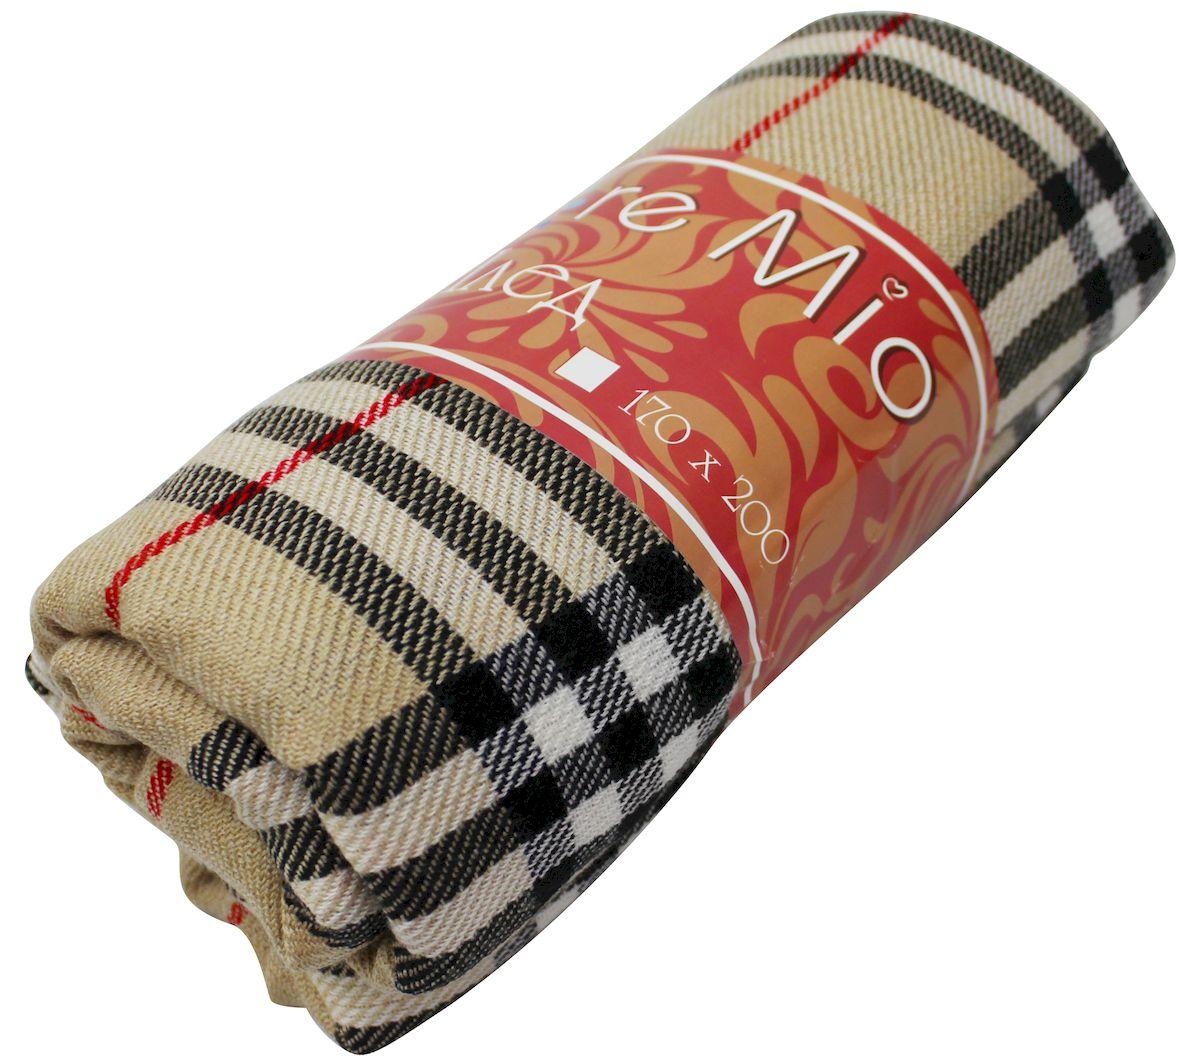 Плед Amore Mio Richard, 170 х 200 смUP210DFМягкий, теплый и уютный плед с кистями Amore Mio изготовлен из 100% акрила. Не зря в народе за акрилом закрепилось имя искусственной шерсти. Акриловое волокно великолепно удерживает тепло, оно практично и долговечно. Еще одно преимущество - в цене, так как по факту акрил значительно дешевле натуральной шерсти.